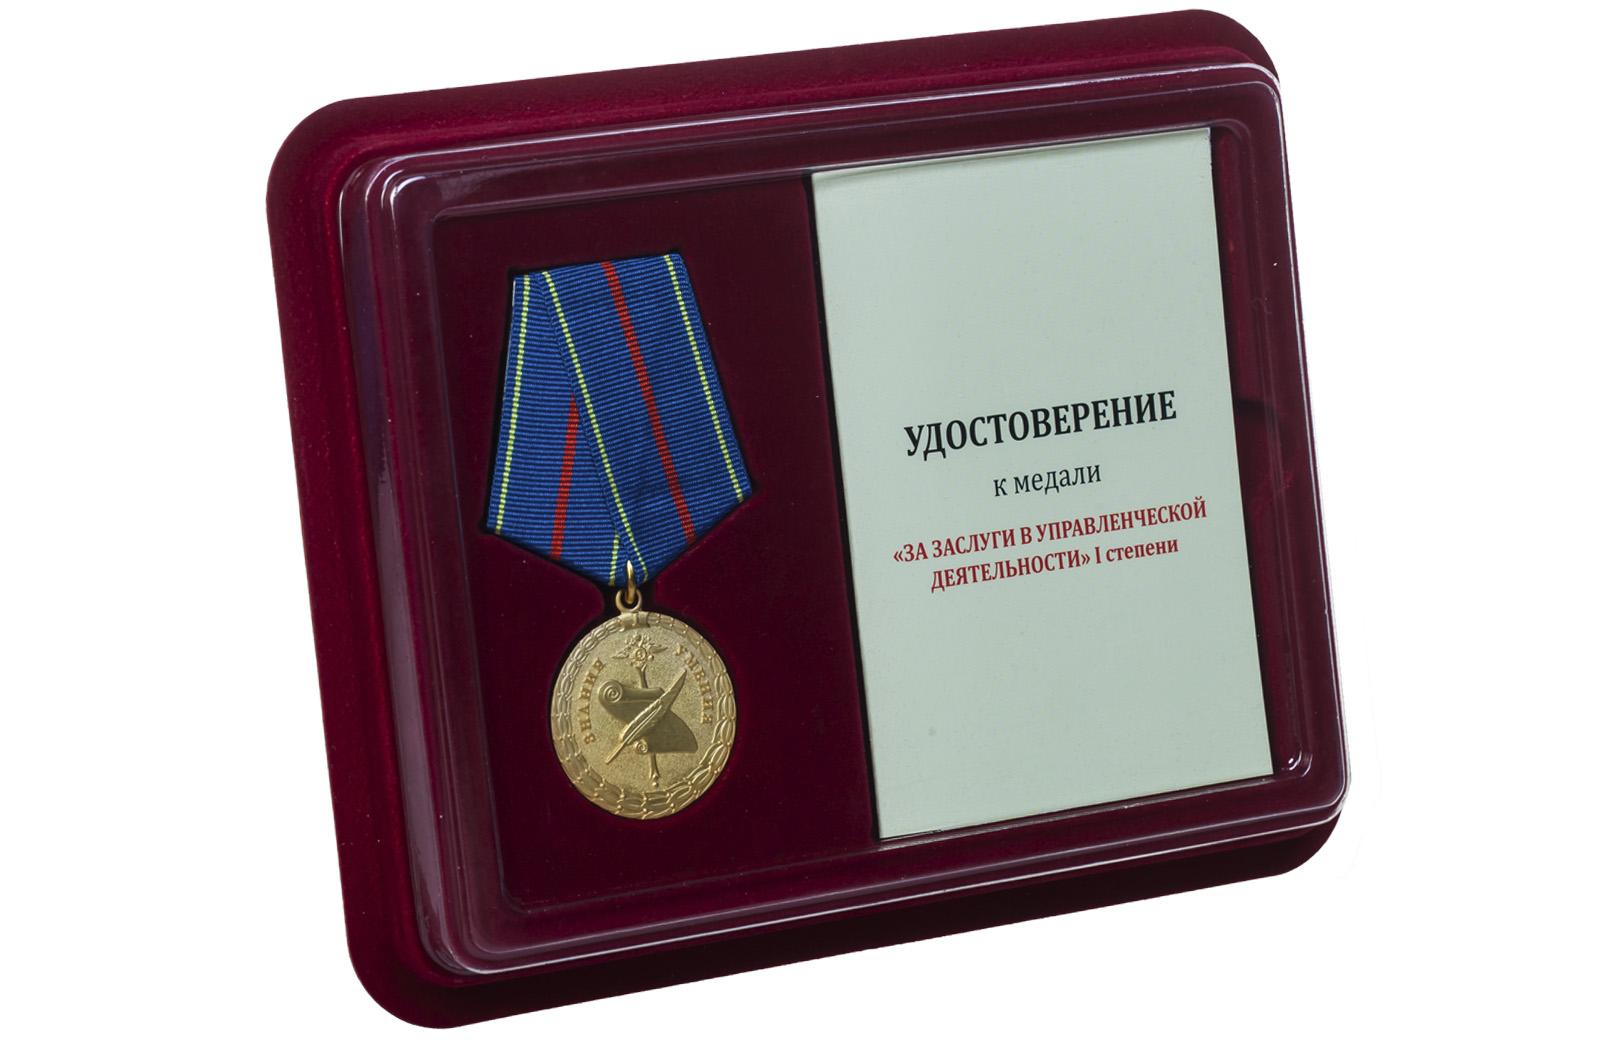 Купить медаль МВД РФ За заслуги в управленческой деятельности 1 степени оптом выгодно